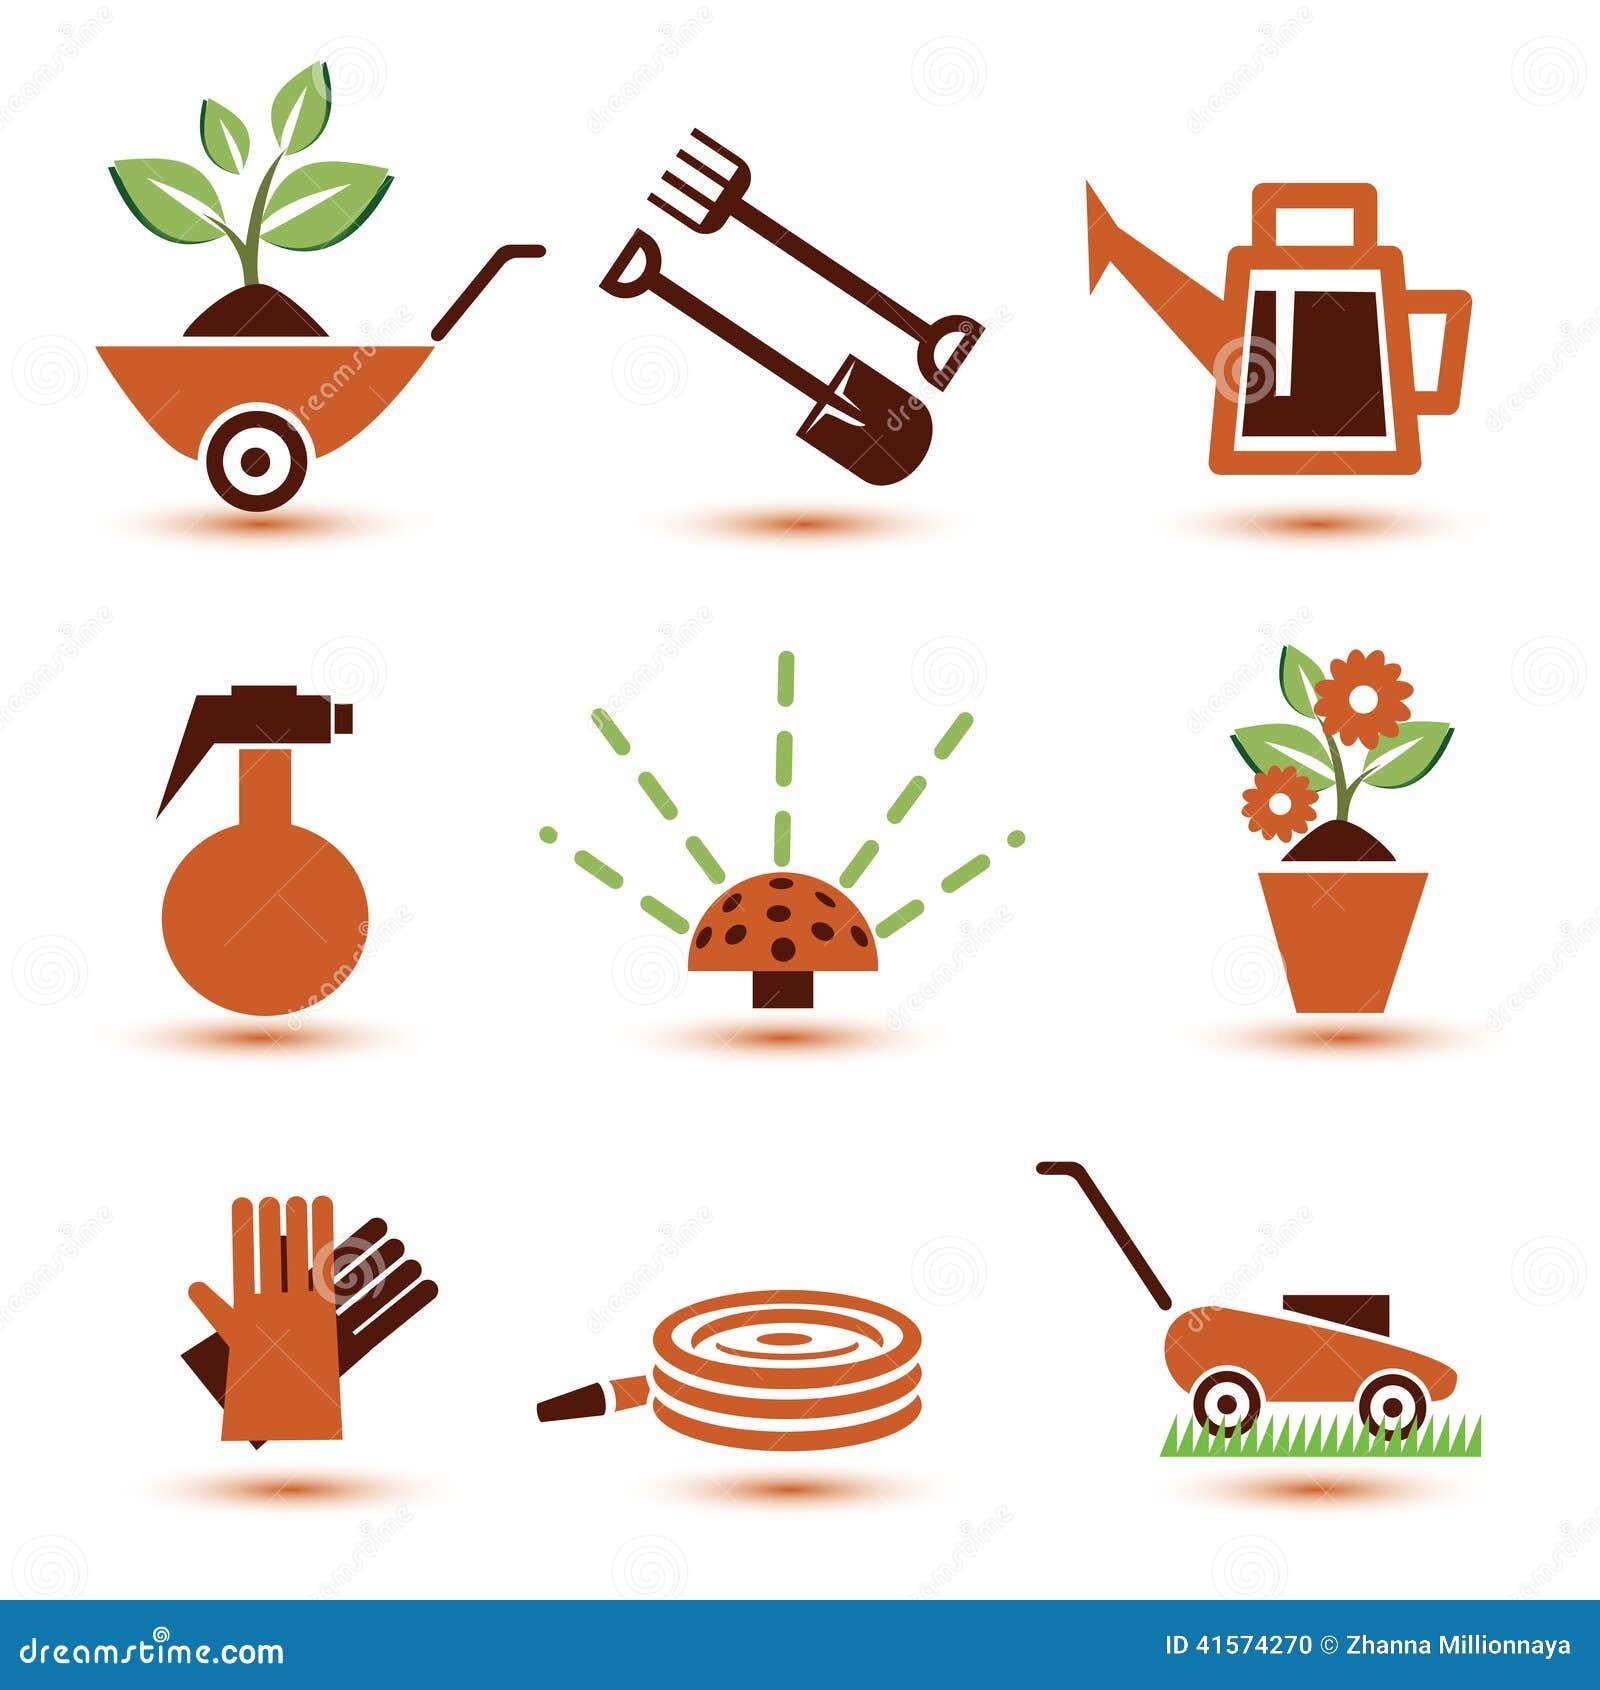 Iconos de los utensilios de jardiner a fijados ilustraci n - Imagenes de jardineria ...